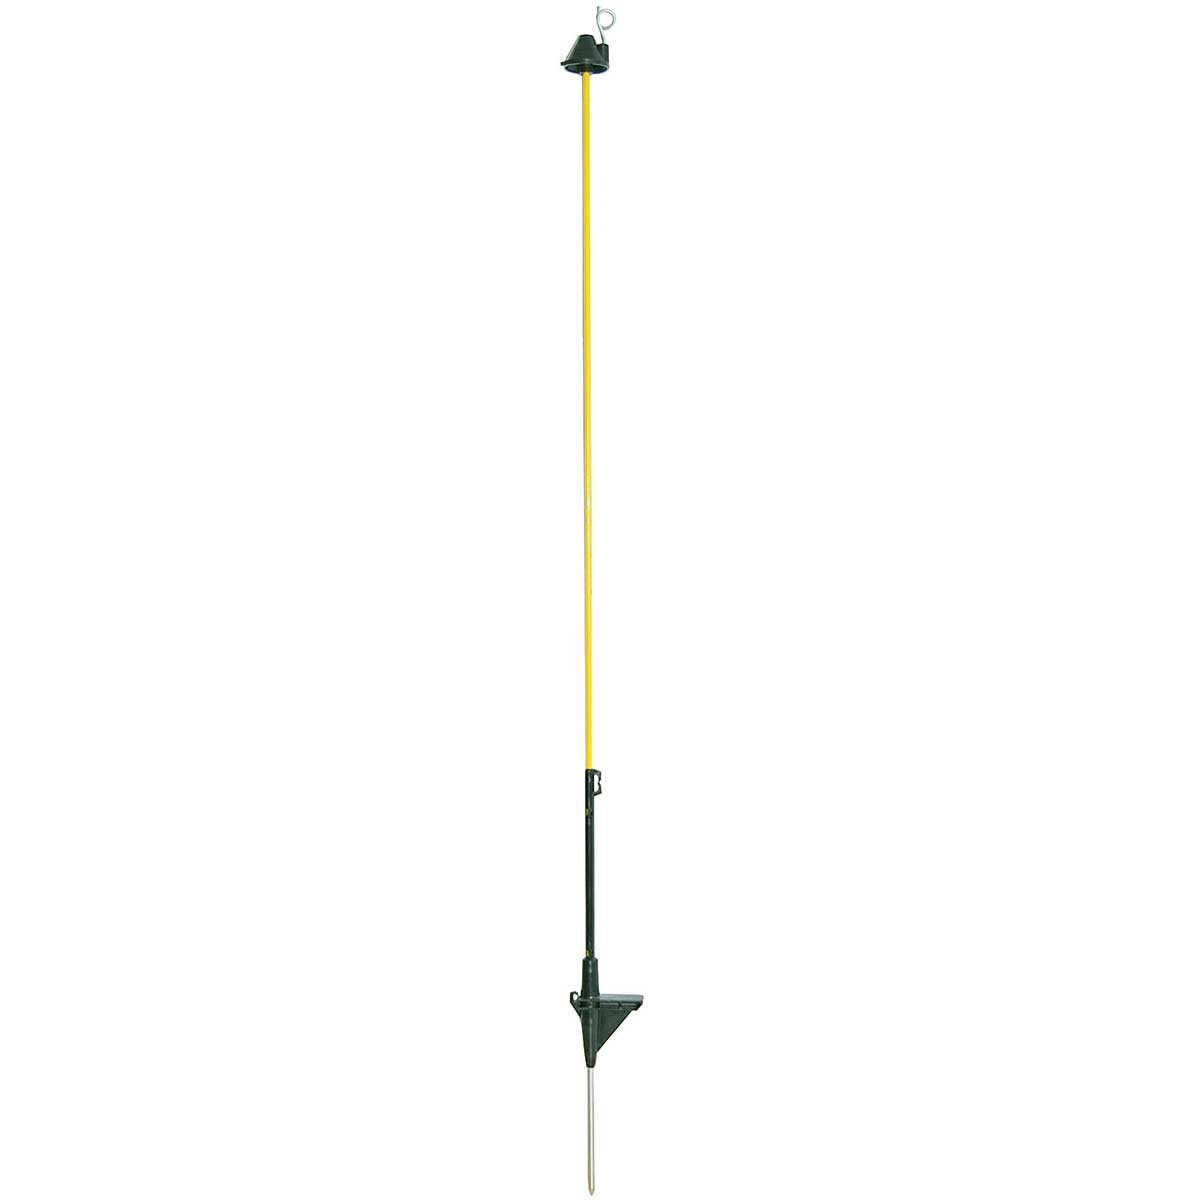 memorizzare Ovale della fibra di vetro Lamp Post, Post, Post, 18 cm, Metall  Ritorno di 10 giorni